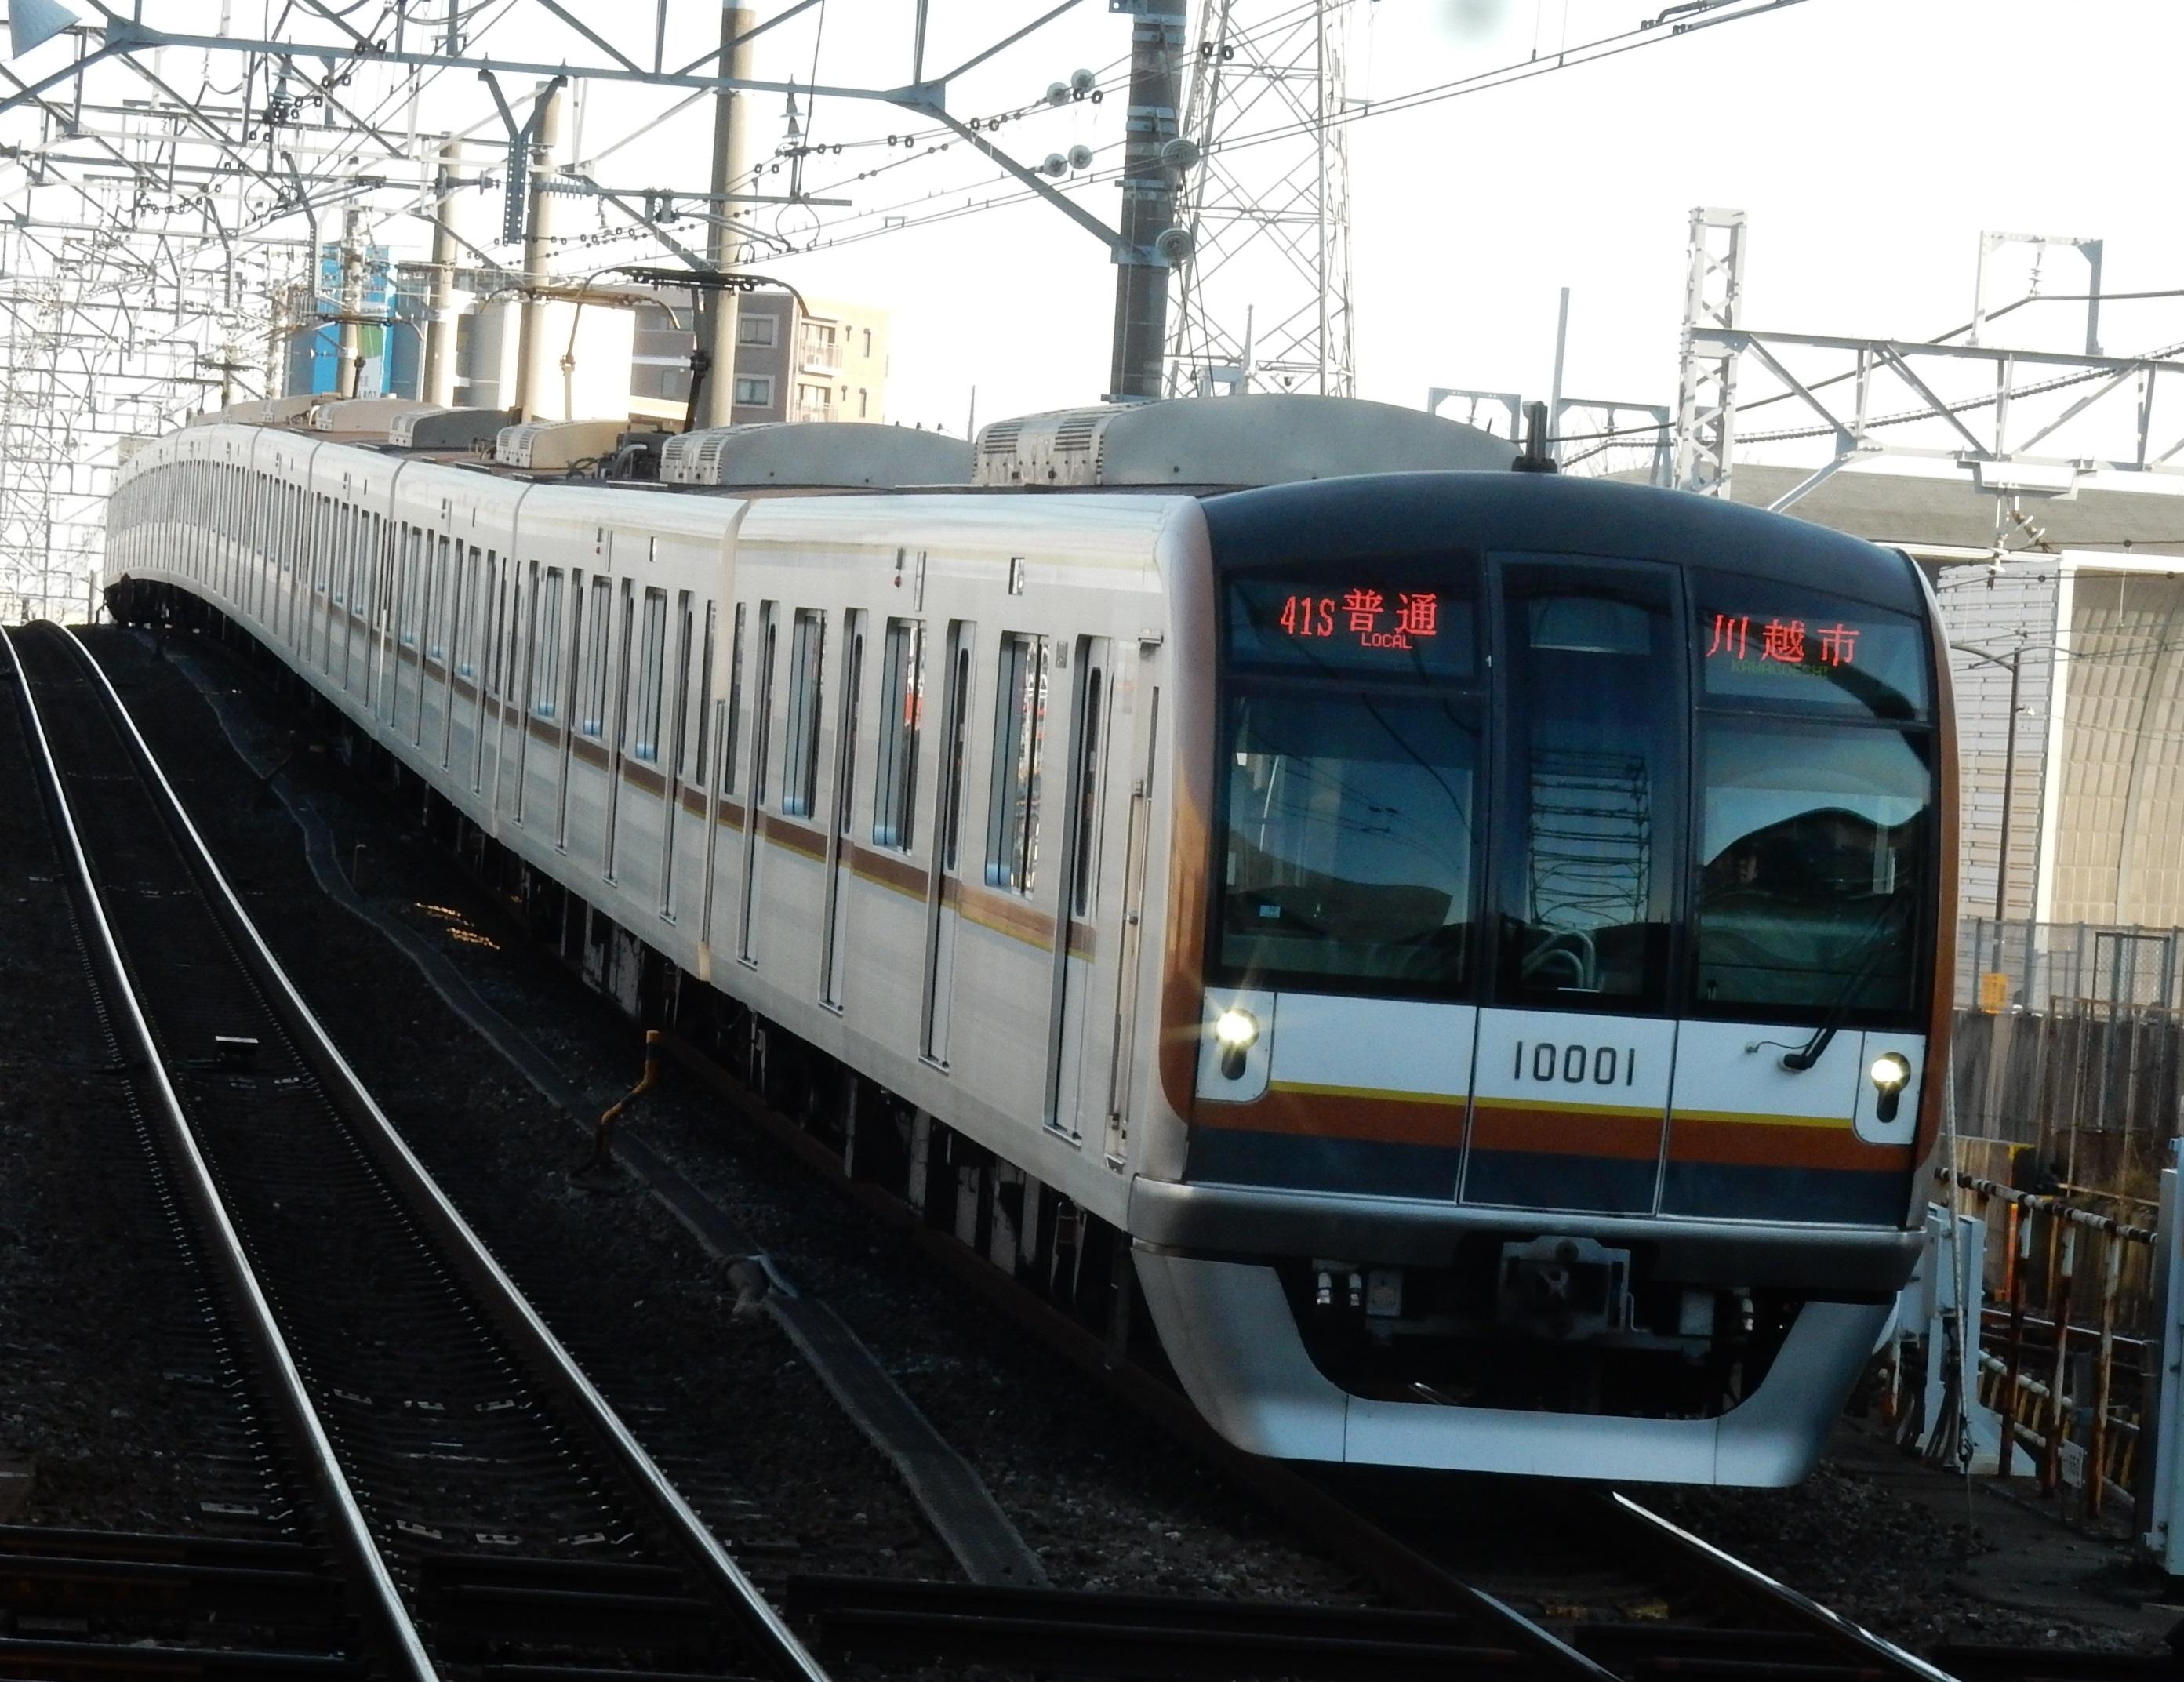 DSCN9729.jpg